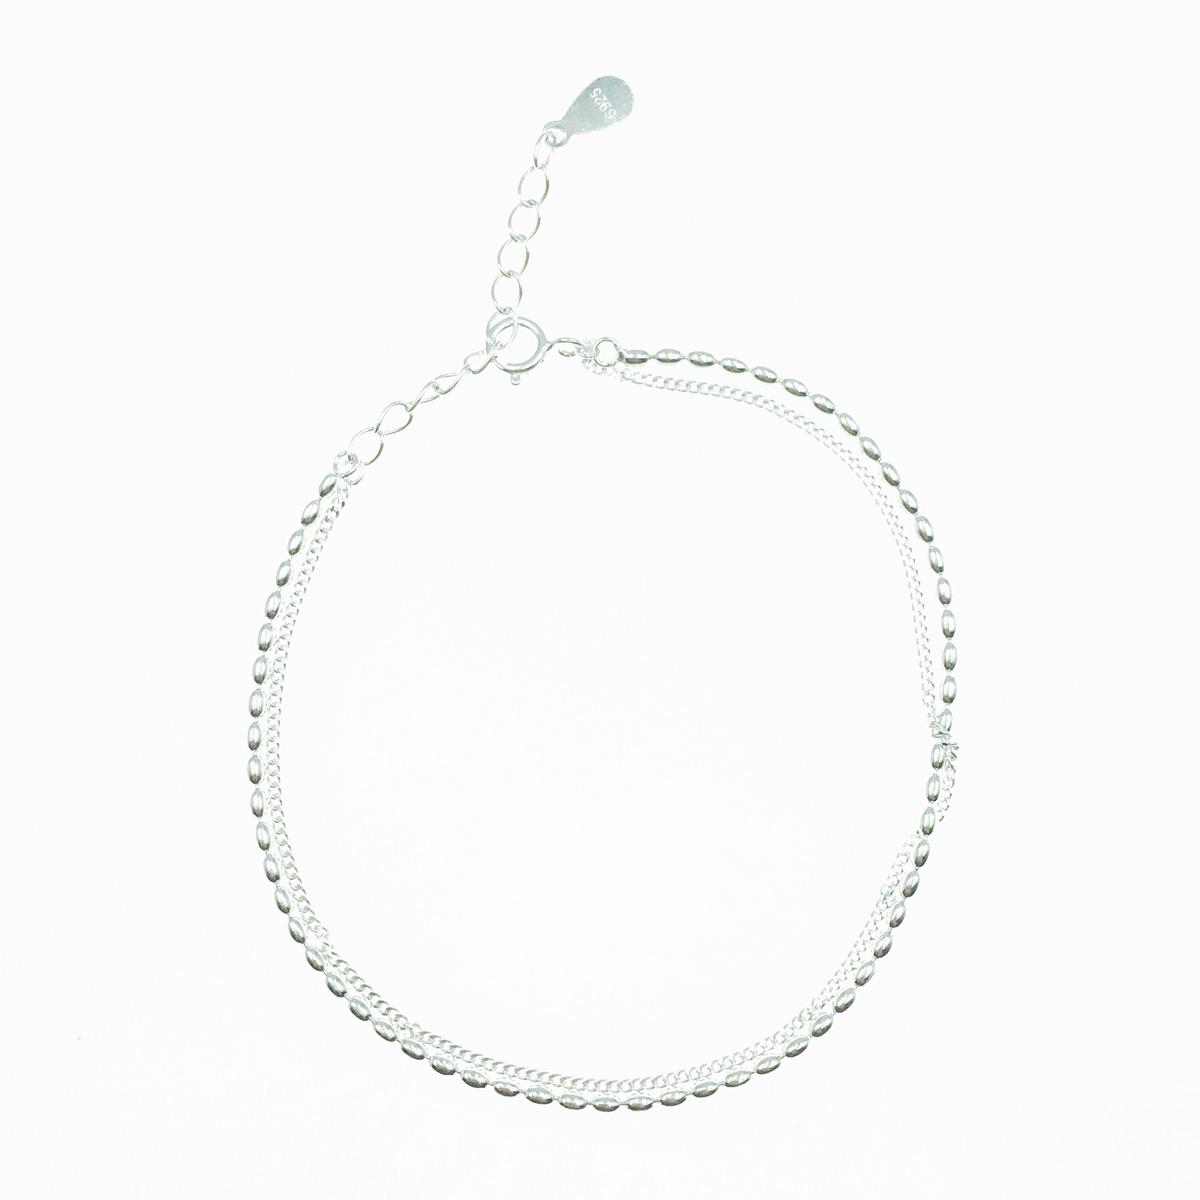 韓國 925純銀 雙鍊 銀 小珠鍊 手飾 手鍊